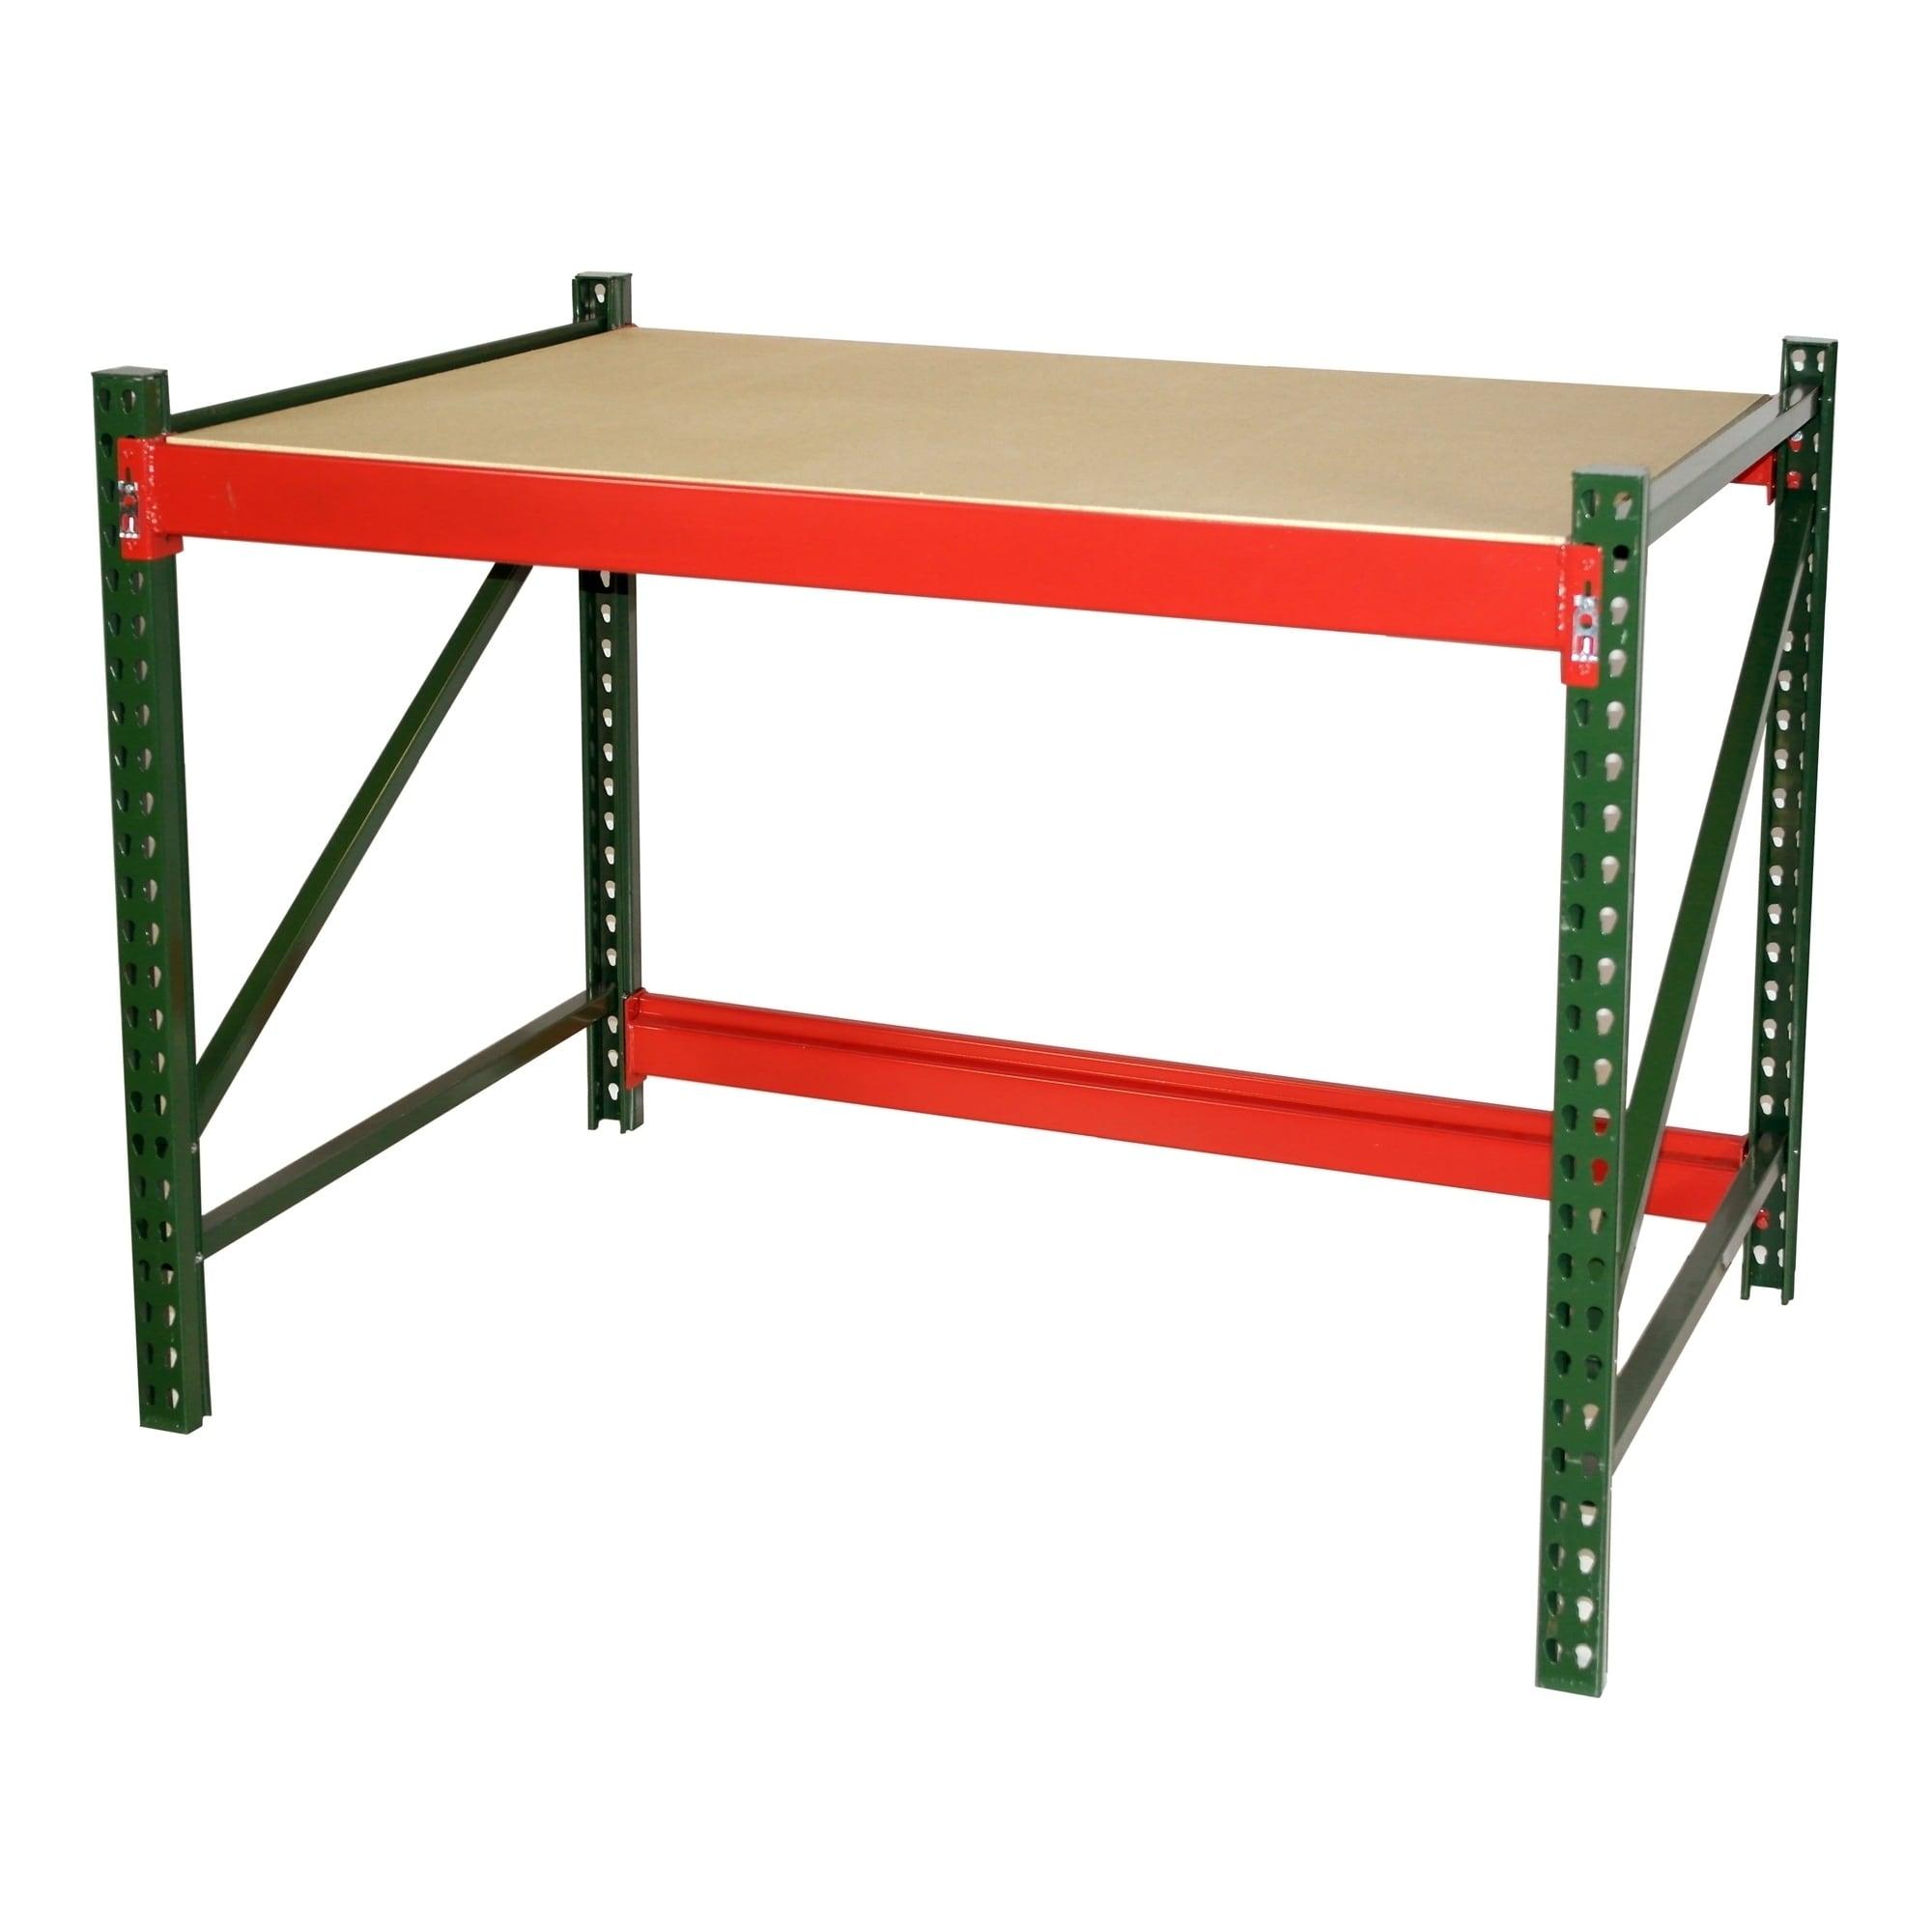 Astounding Shelving Pro Steel Workbench Industrial Grade 4 Ft W X 3 Ft H X 4 Ft D Short Links Chair Design For Home Short Linksinfo